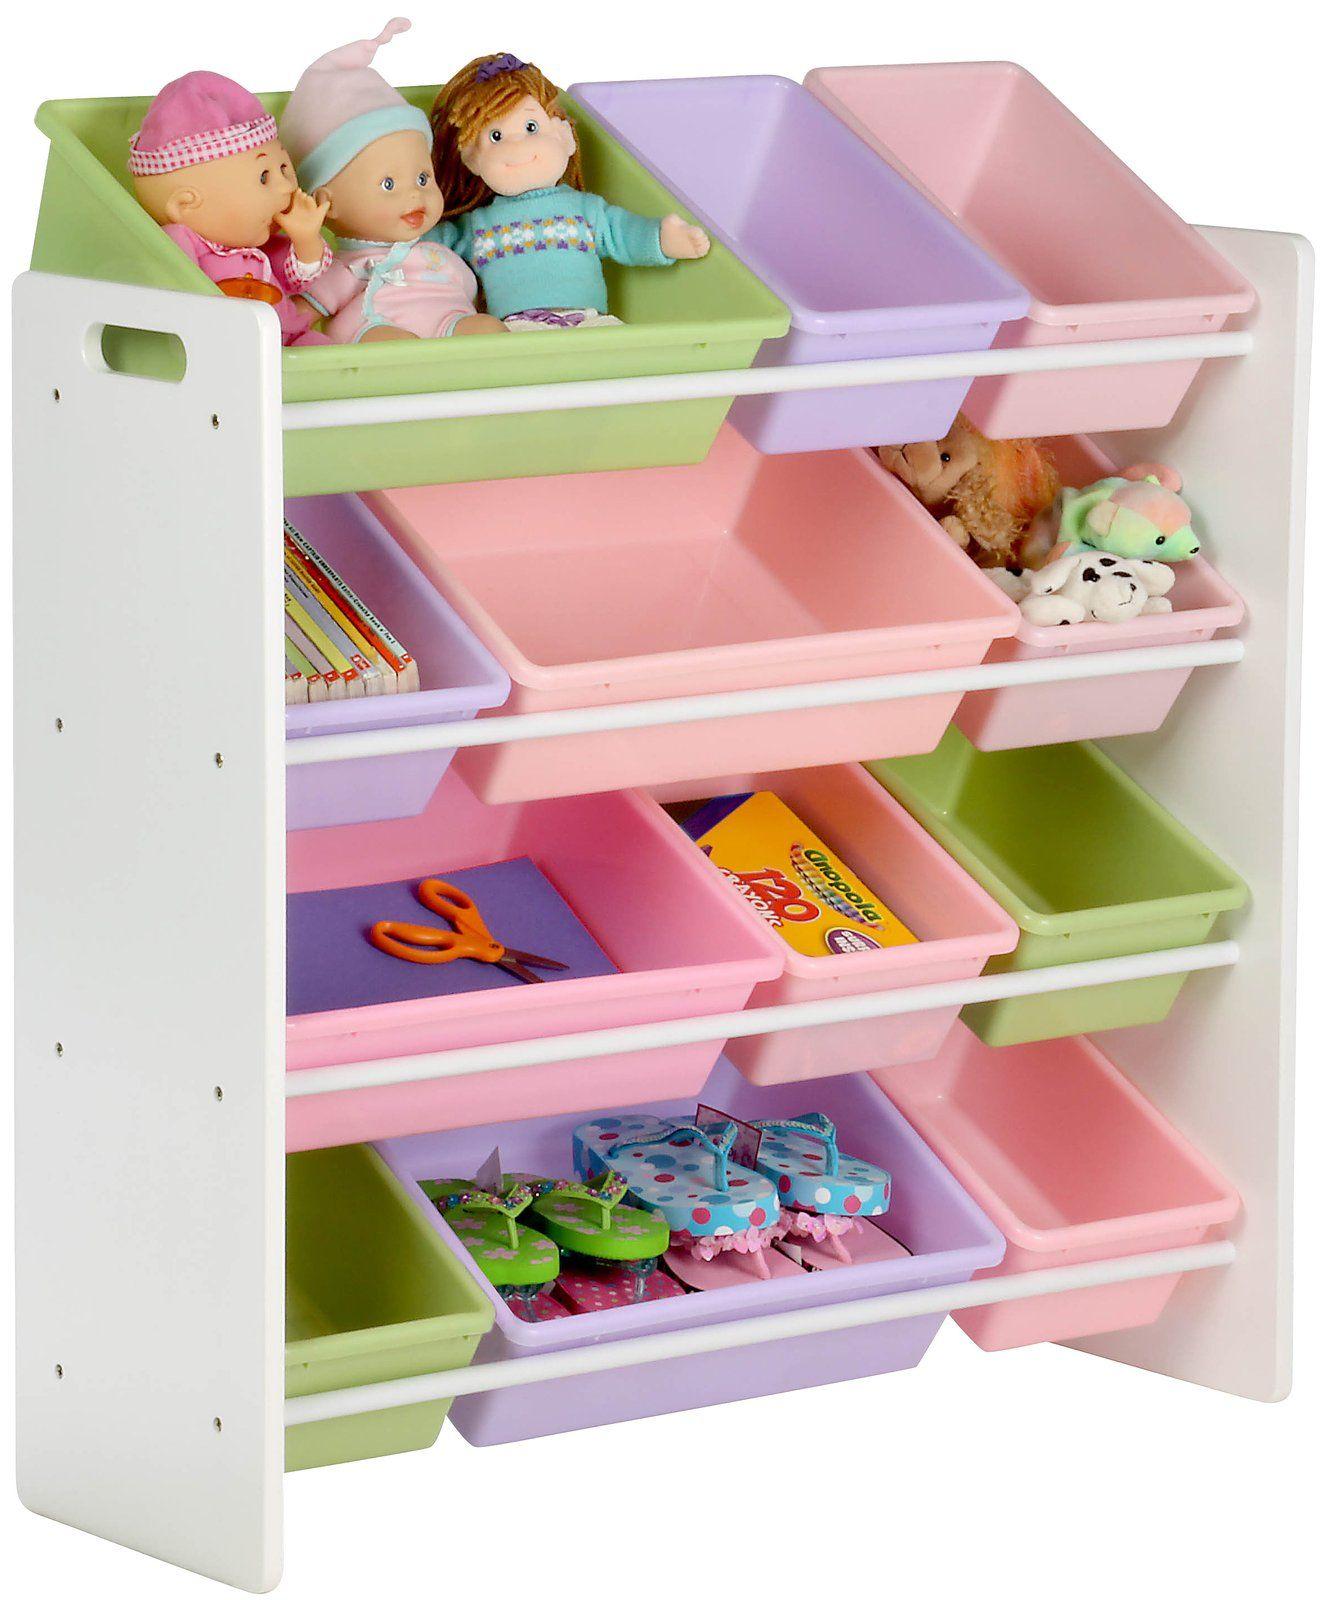 Baby baby  sc 1 st  Pinterest & Honey-Can-Do 12 Bin Kids Toy Storage Organizer- White - Best Price ...